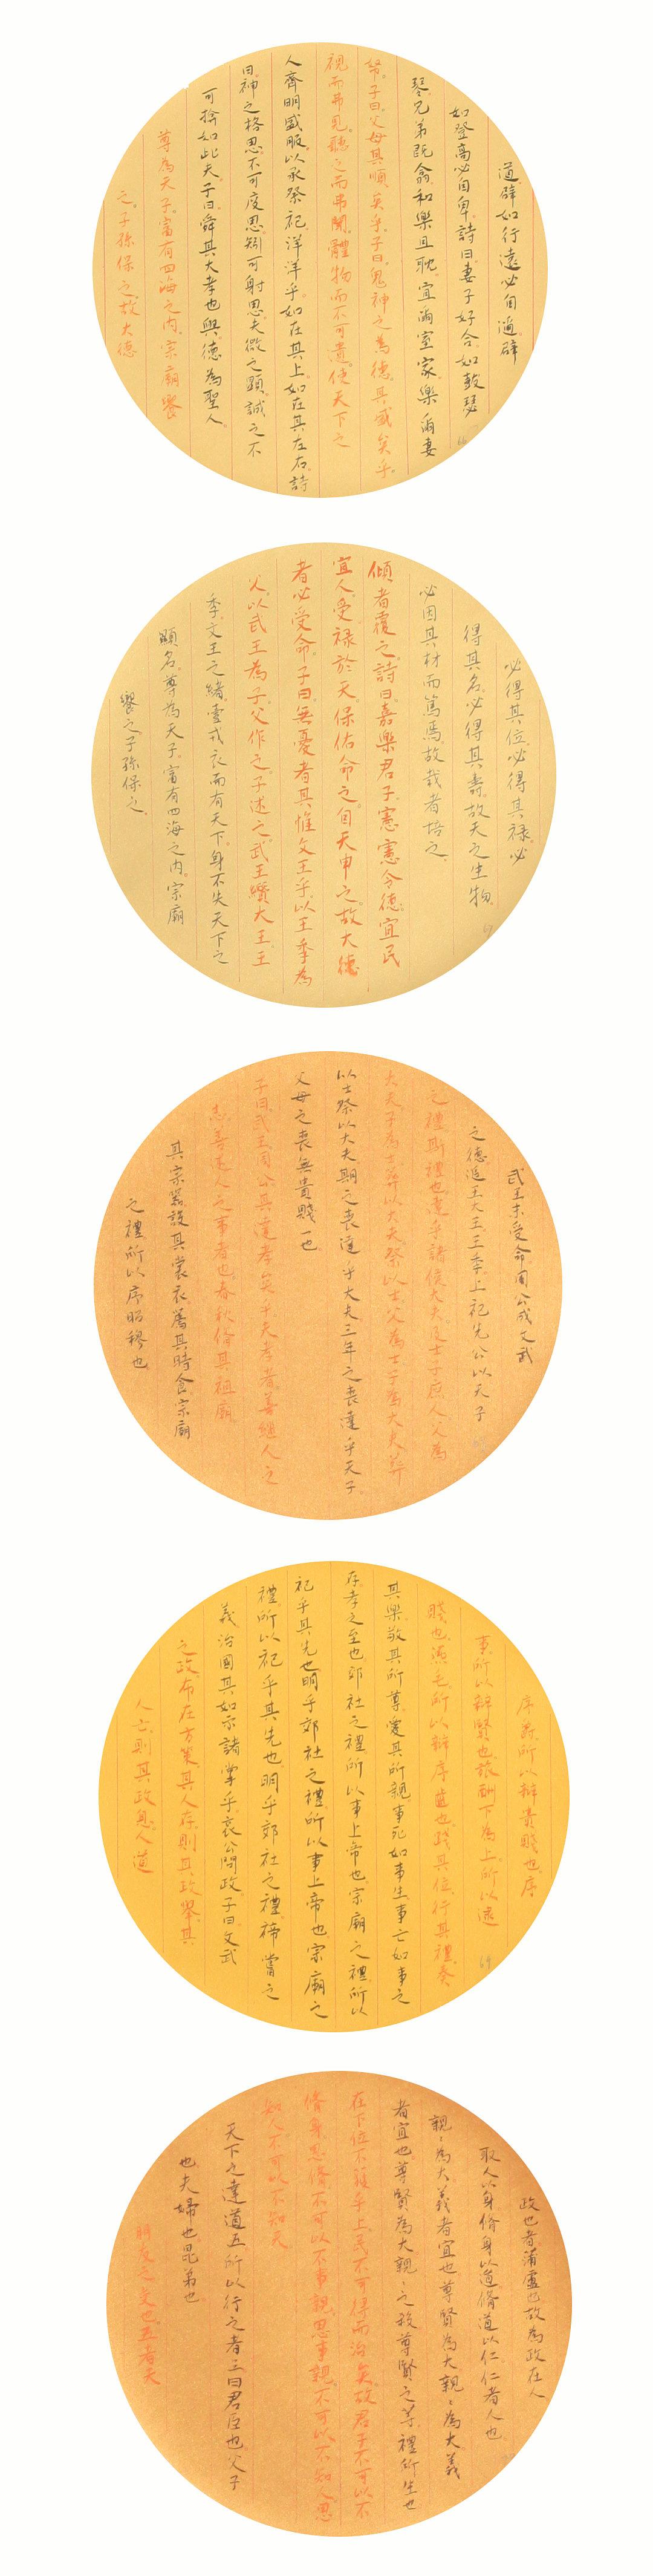 《国学经典抄·中庸 02》纸本墨笔 小楷 竖幅 2017年